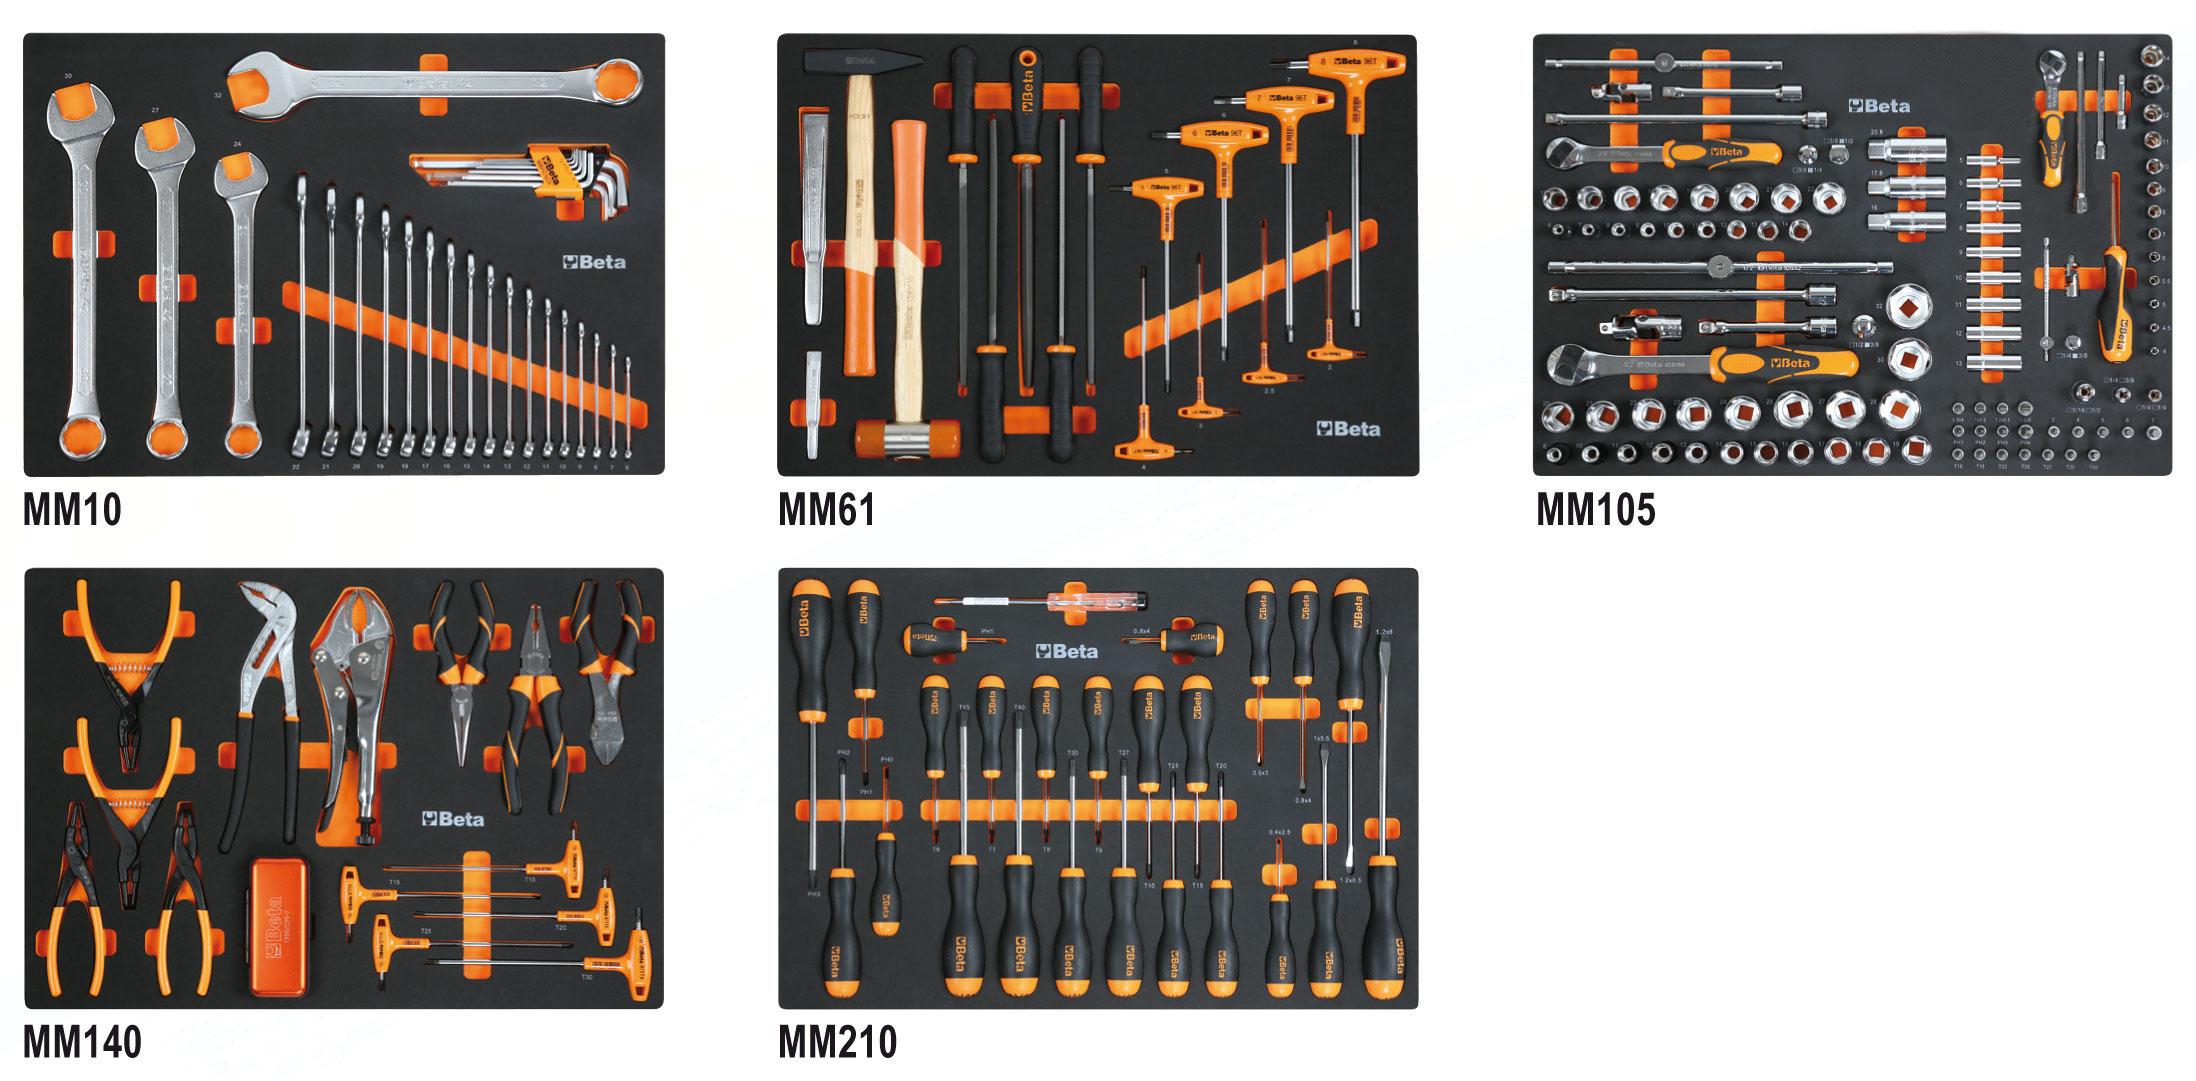 Tööriistakomplekt 231 tööriistaga unirversaalseks kasutamiseks